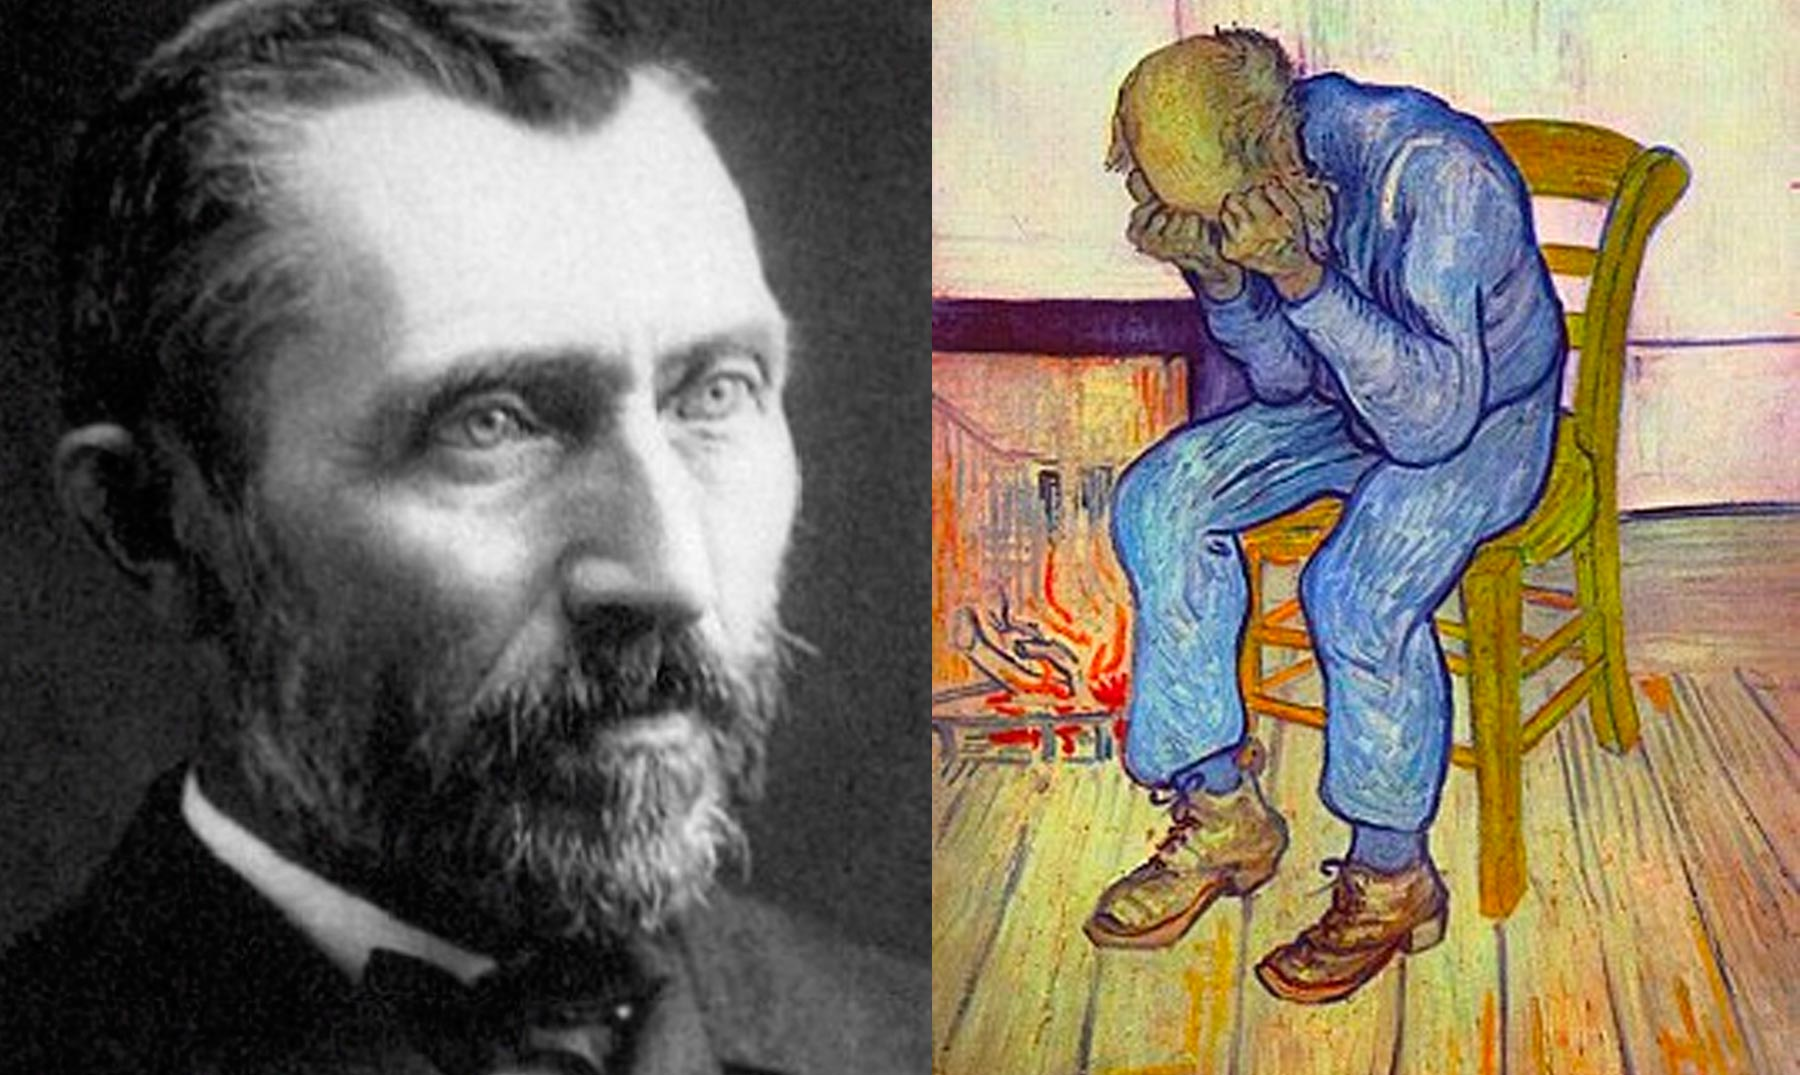 5 Pintores que sufrieron esquizofrenia